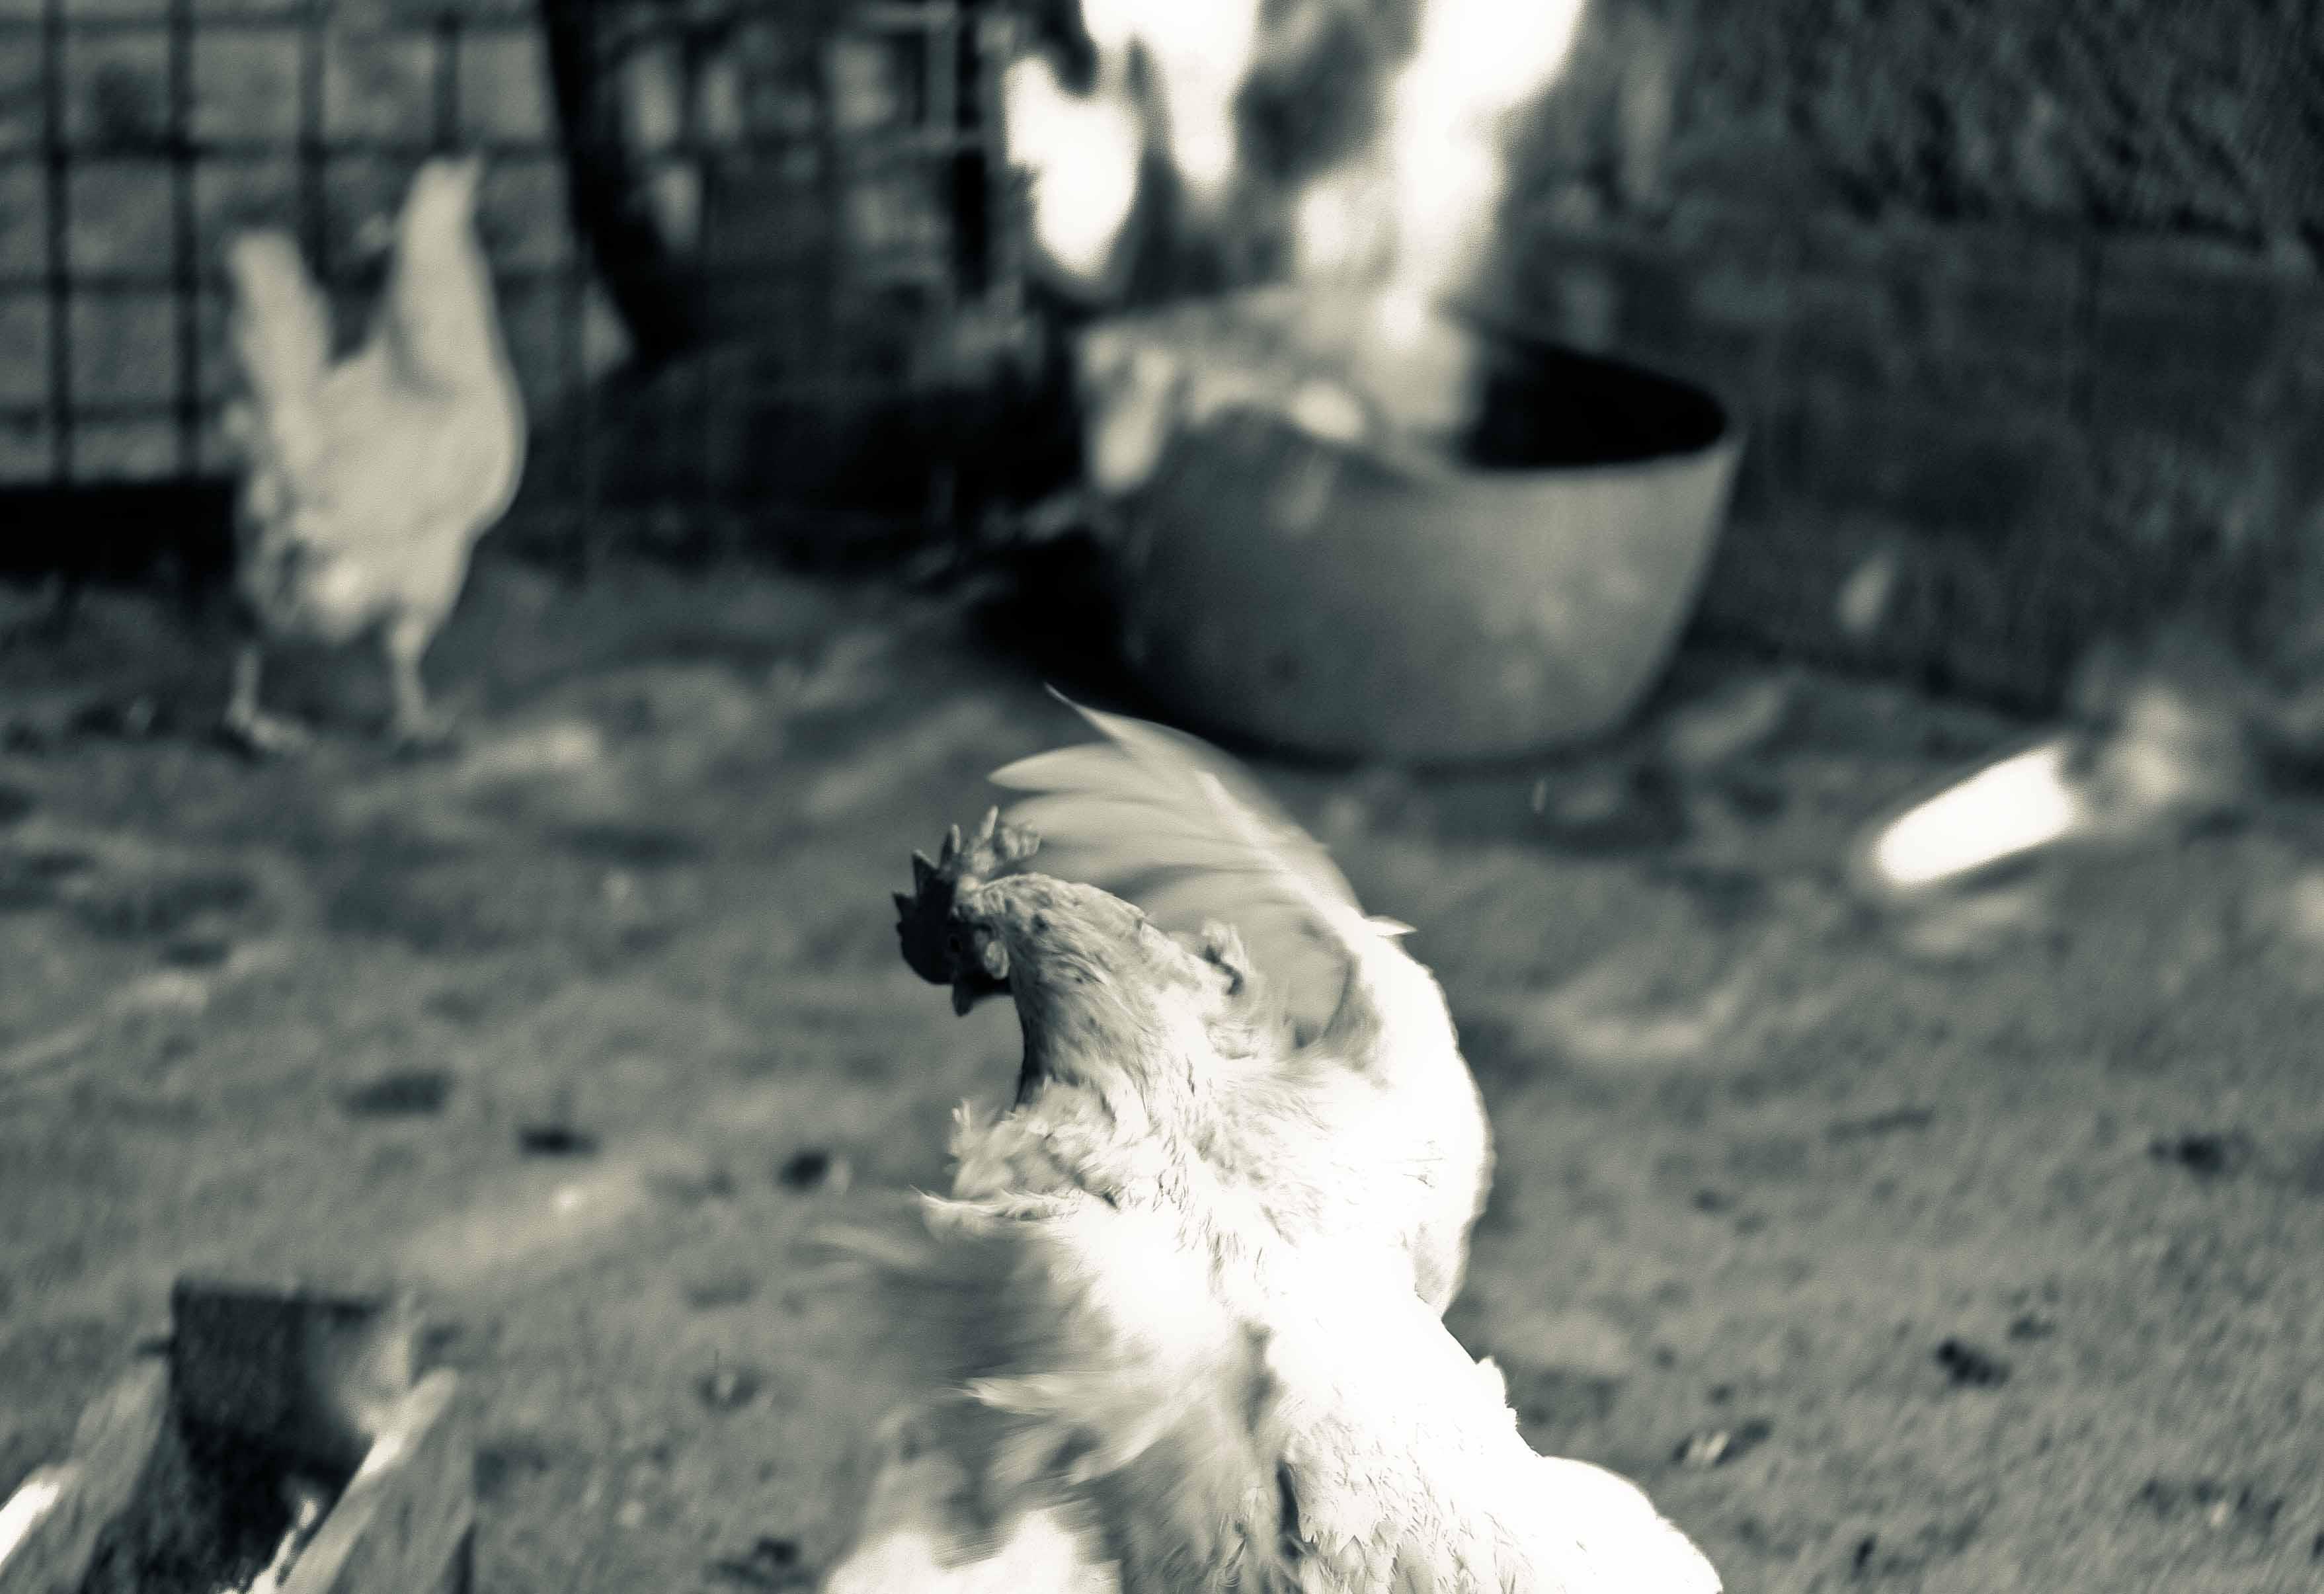 uovo di gallina livornese - Paolo Parisi 2